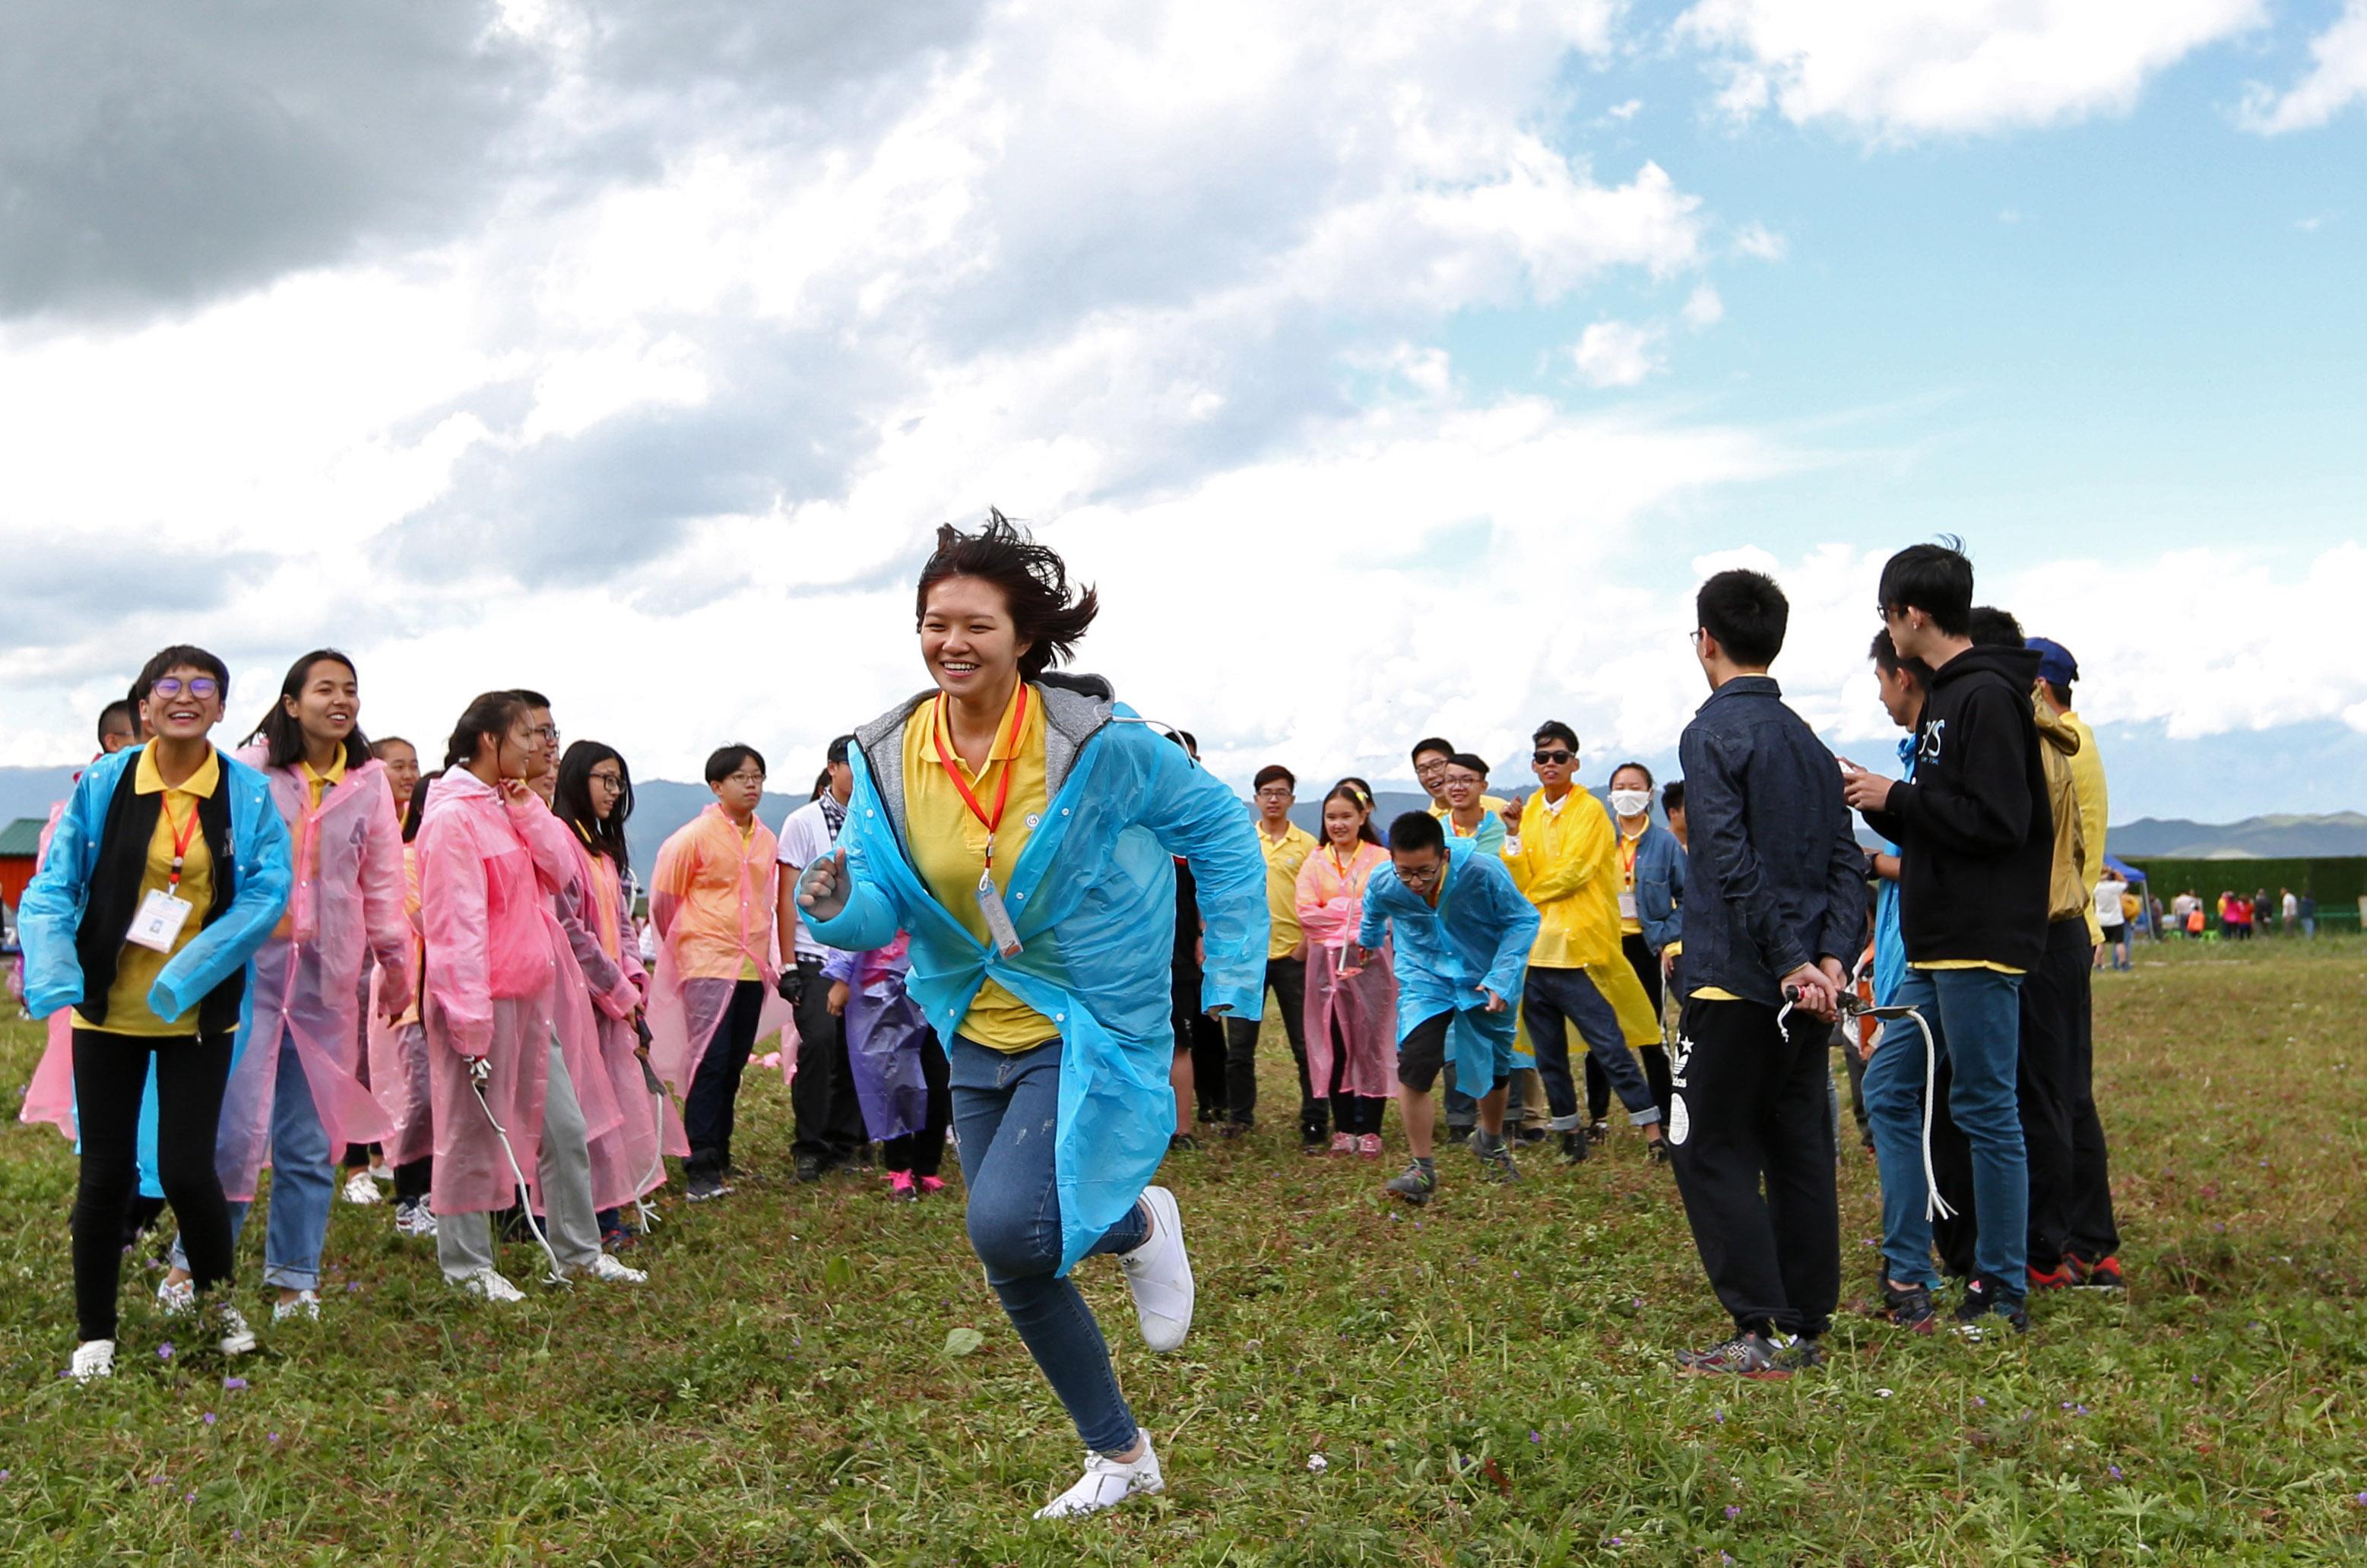 2016年7月20日,第四届海峡两岸婚姻家庭子女夏令营在新疆伊犁开营,来自台湾彰化的营员王静娴(前)和伙伴们参加活动。(新华社记者 程婷婷摄)